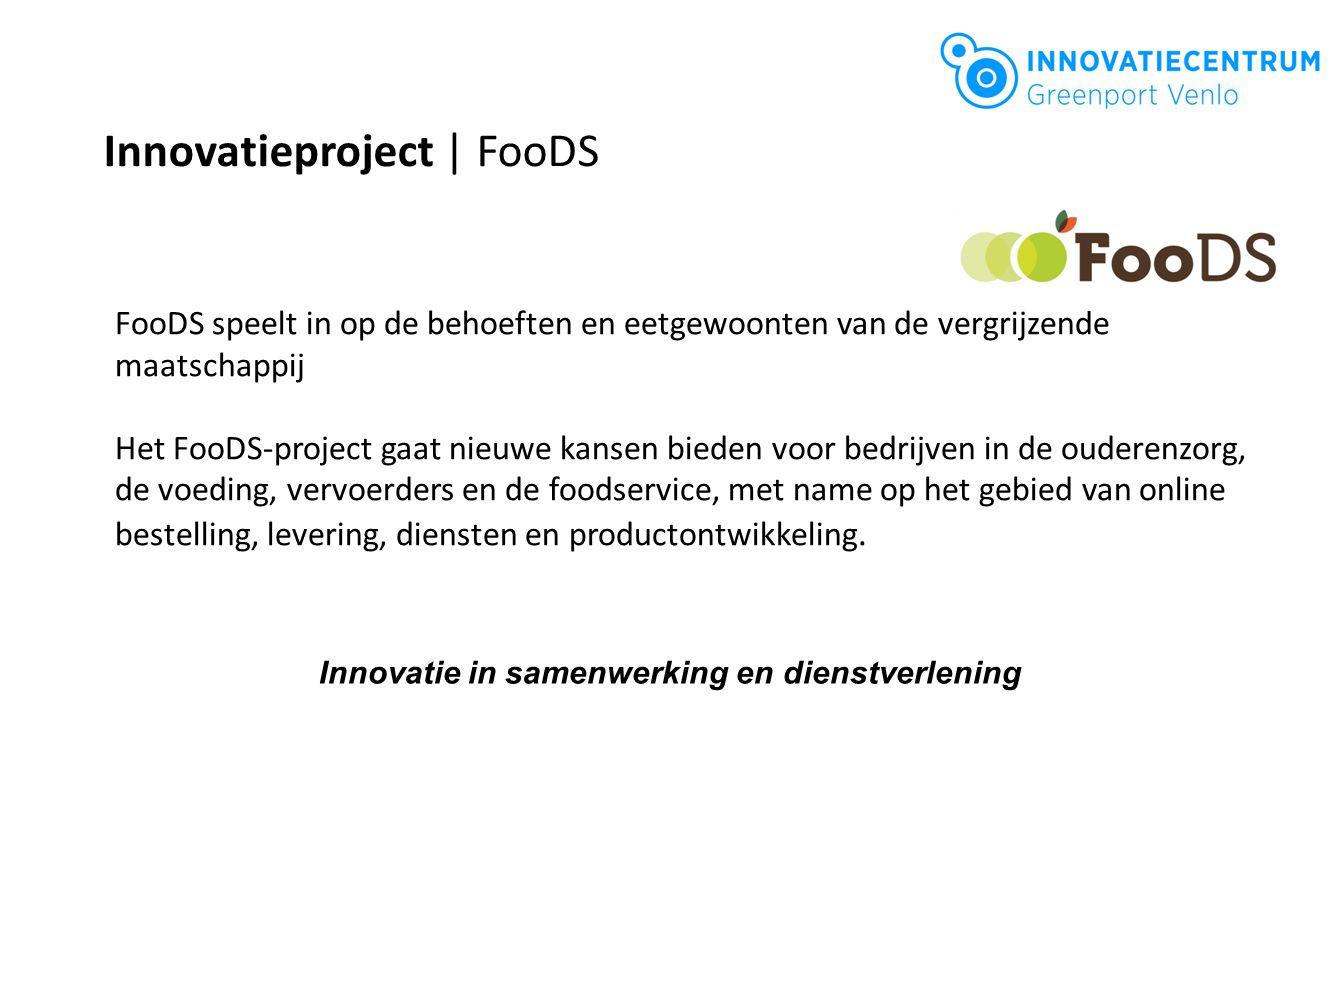 FooDS speelt in op de behoeften en eetgewoonten van de vergrijzende maatschappij Het FooDS-project gaat nieuwe kansen bieden voor bedrijven in de ouderenzorg, de voeding, vervoerders en de foodservice, met name op het gebied van online bestelling, levering, diensten en productontwikkeling.